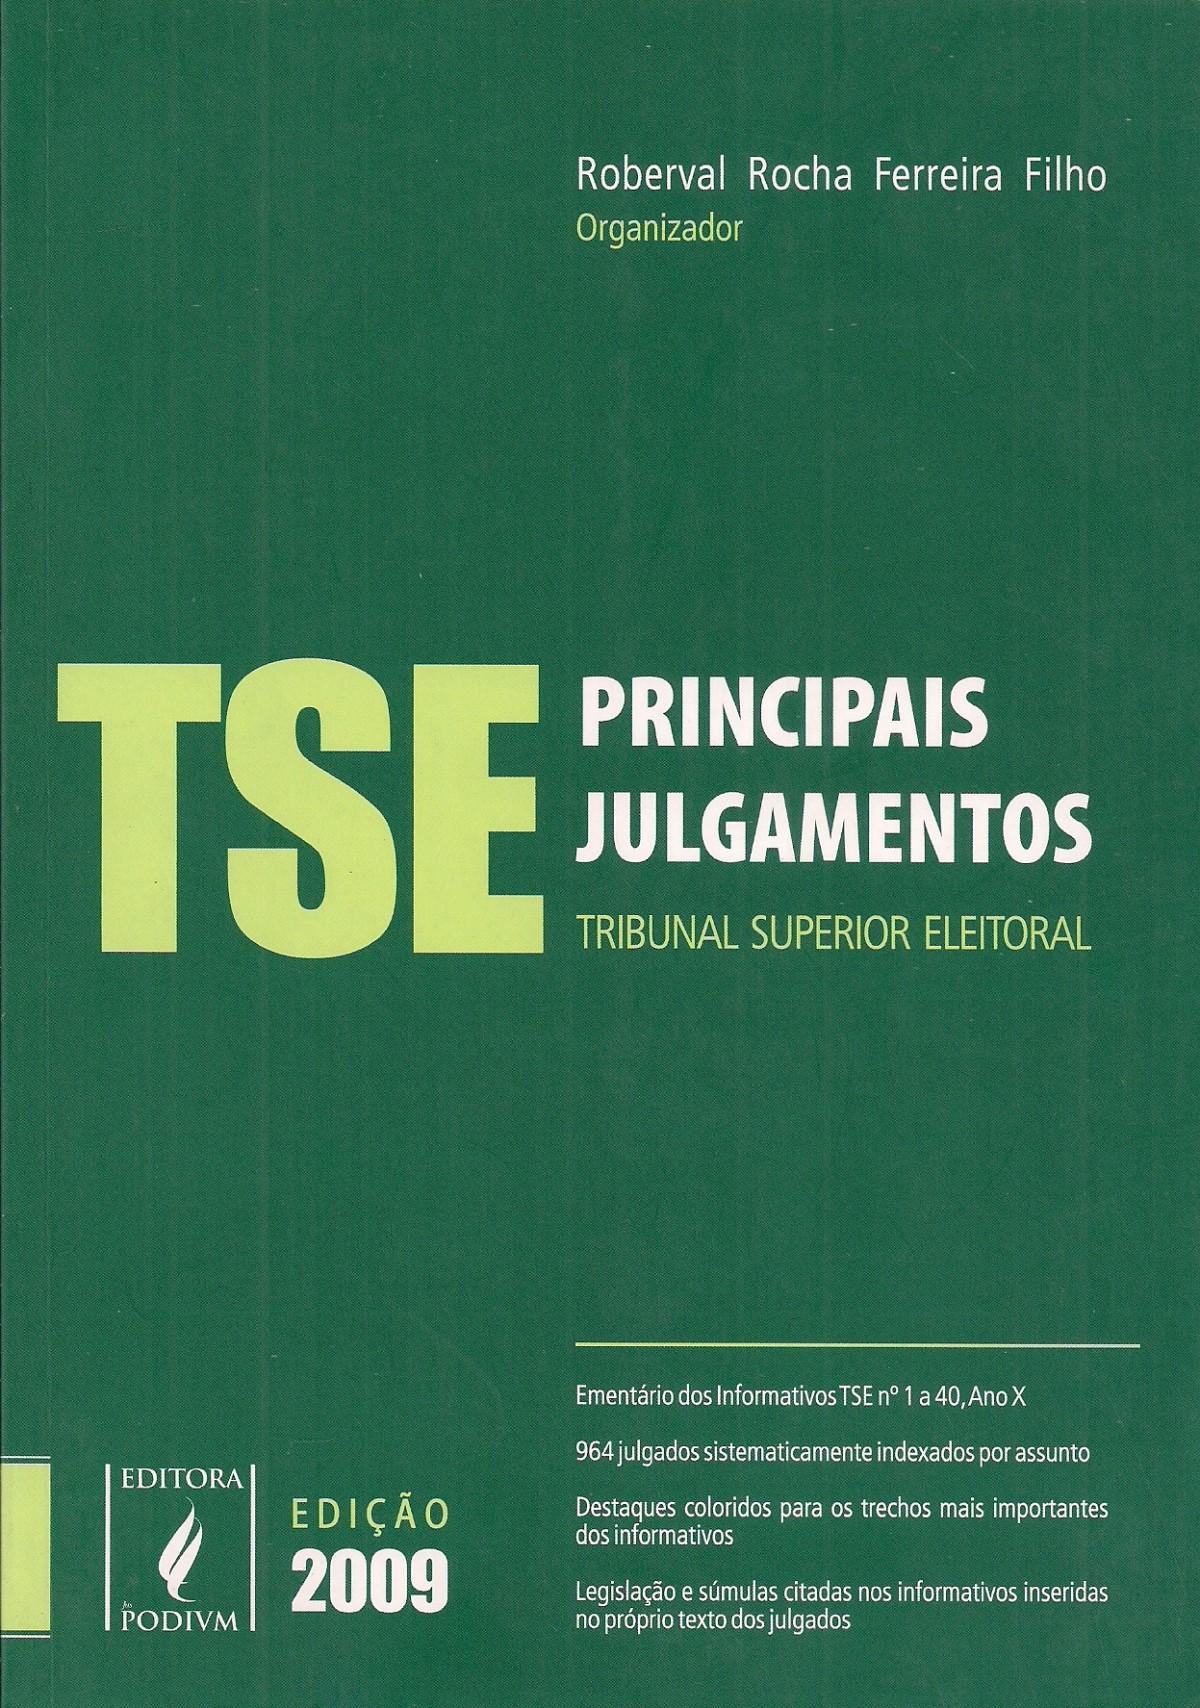 Foto 1 - Principais Julgamentos - Tribunal Superior Eleitoral - TSE